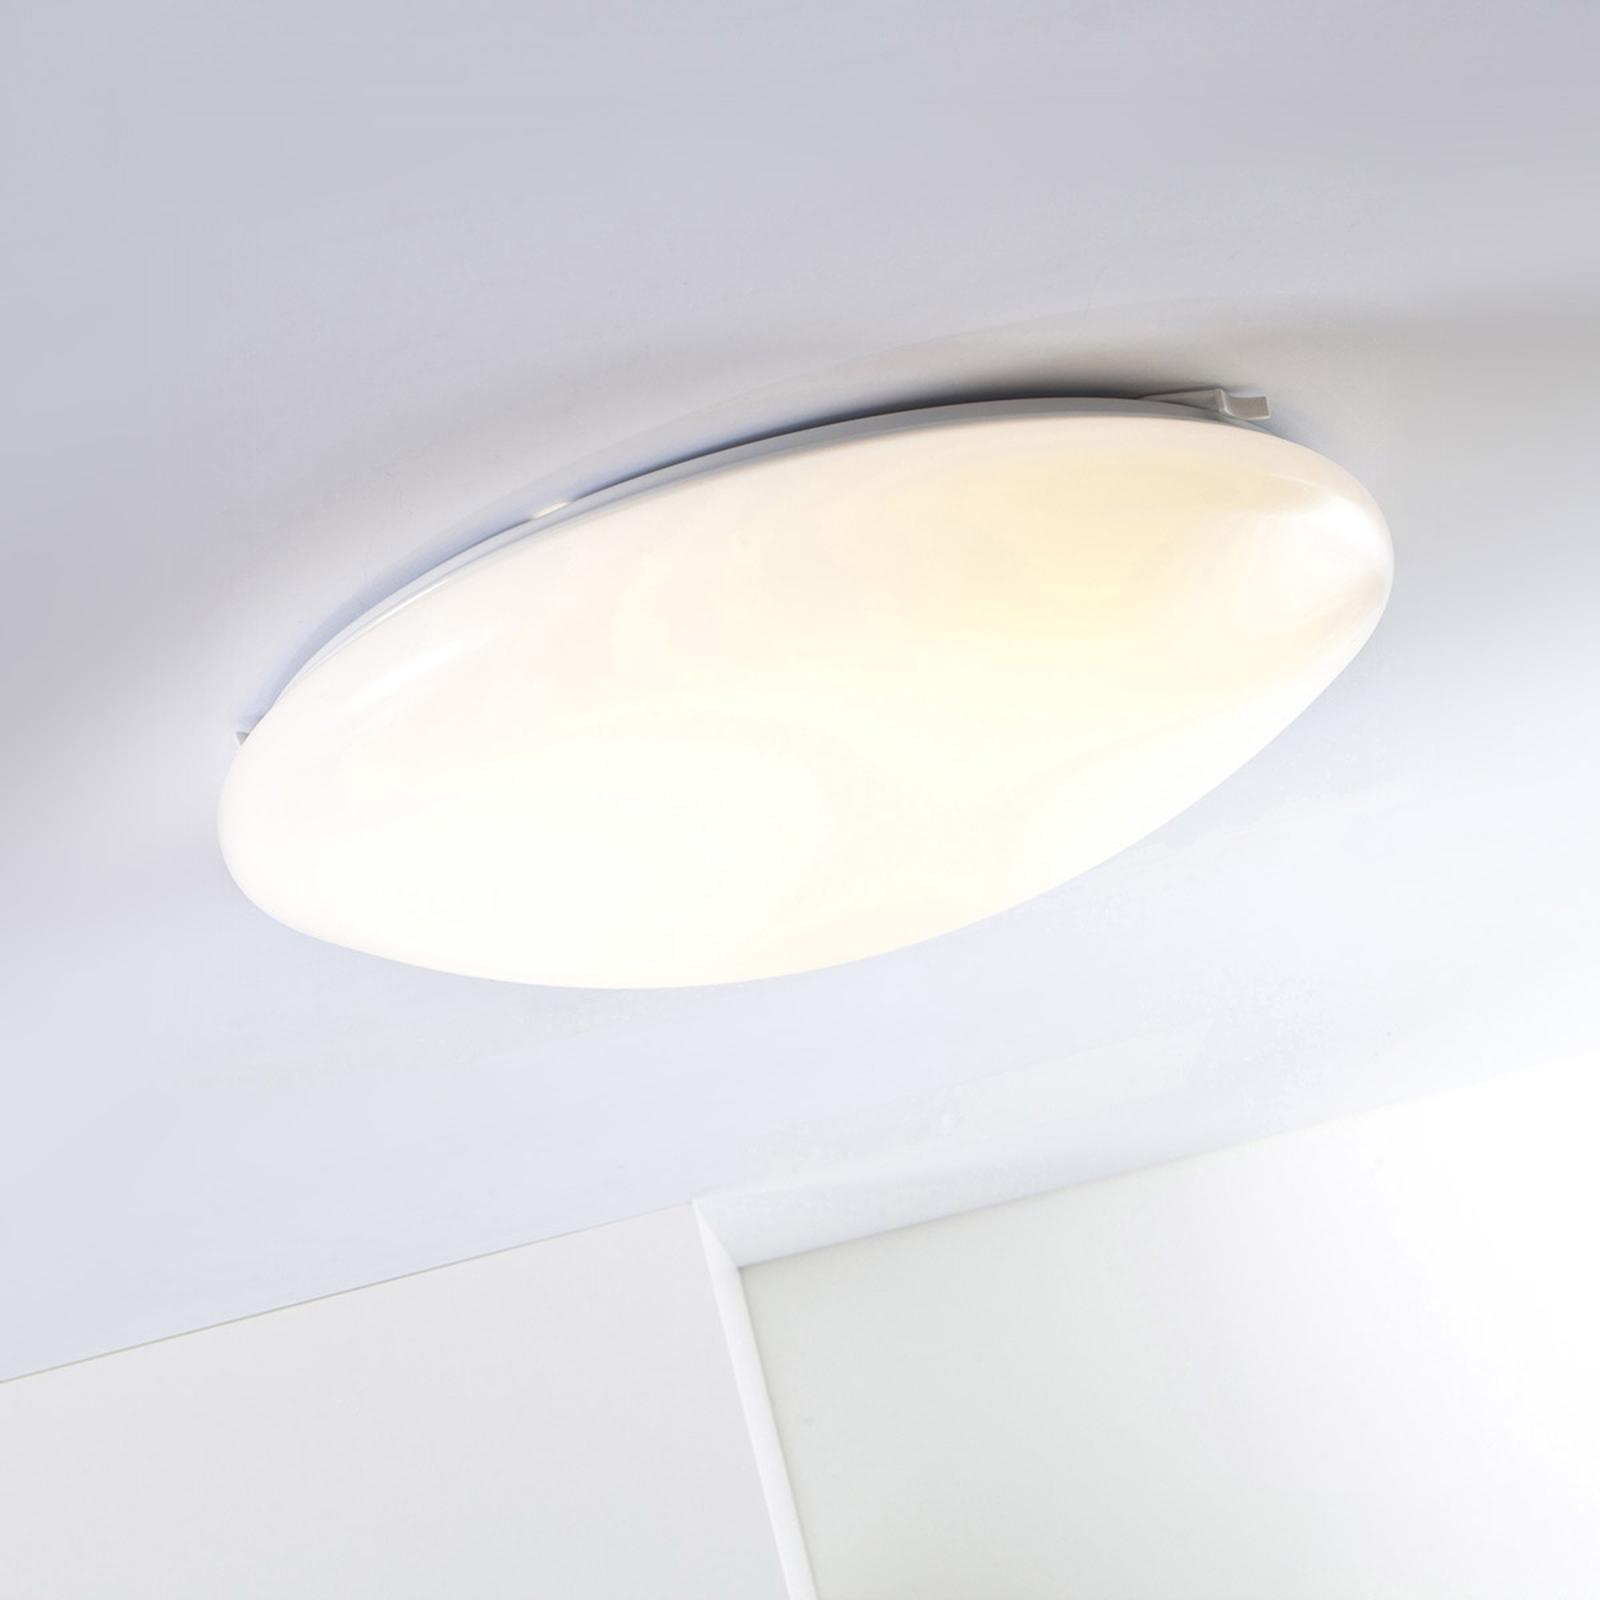 AEG LED Basic – kulaté stropní LED svítidlo, 22 W